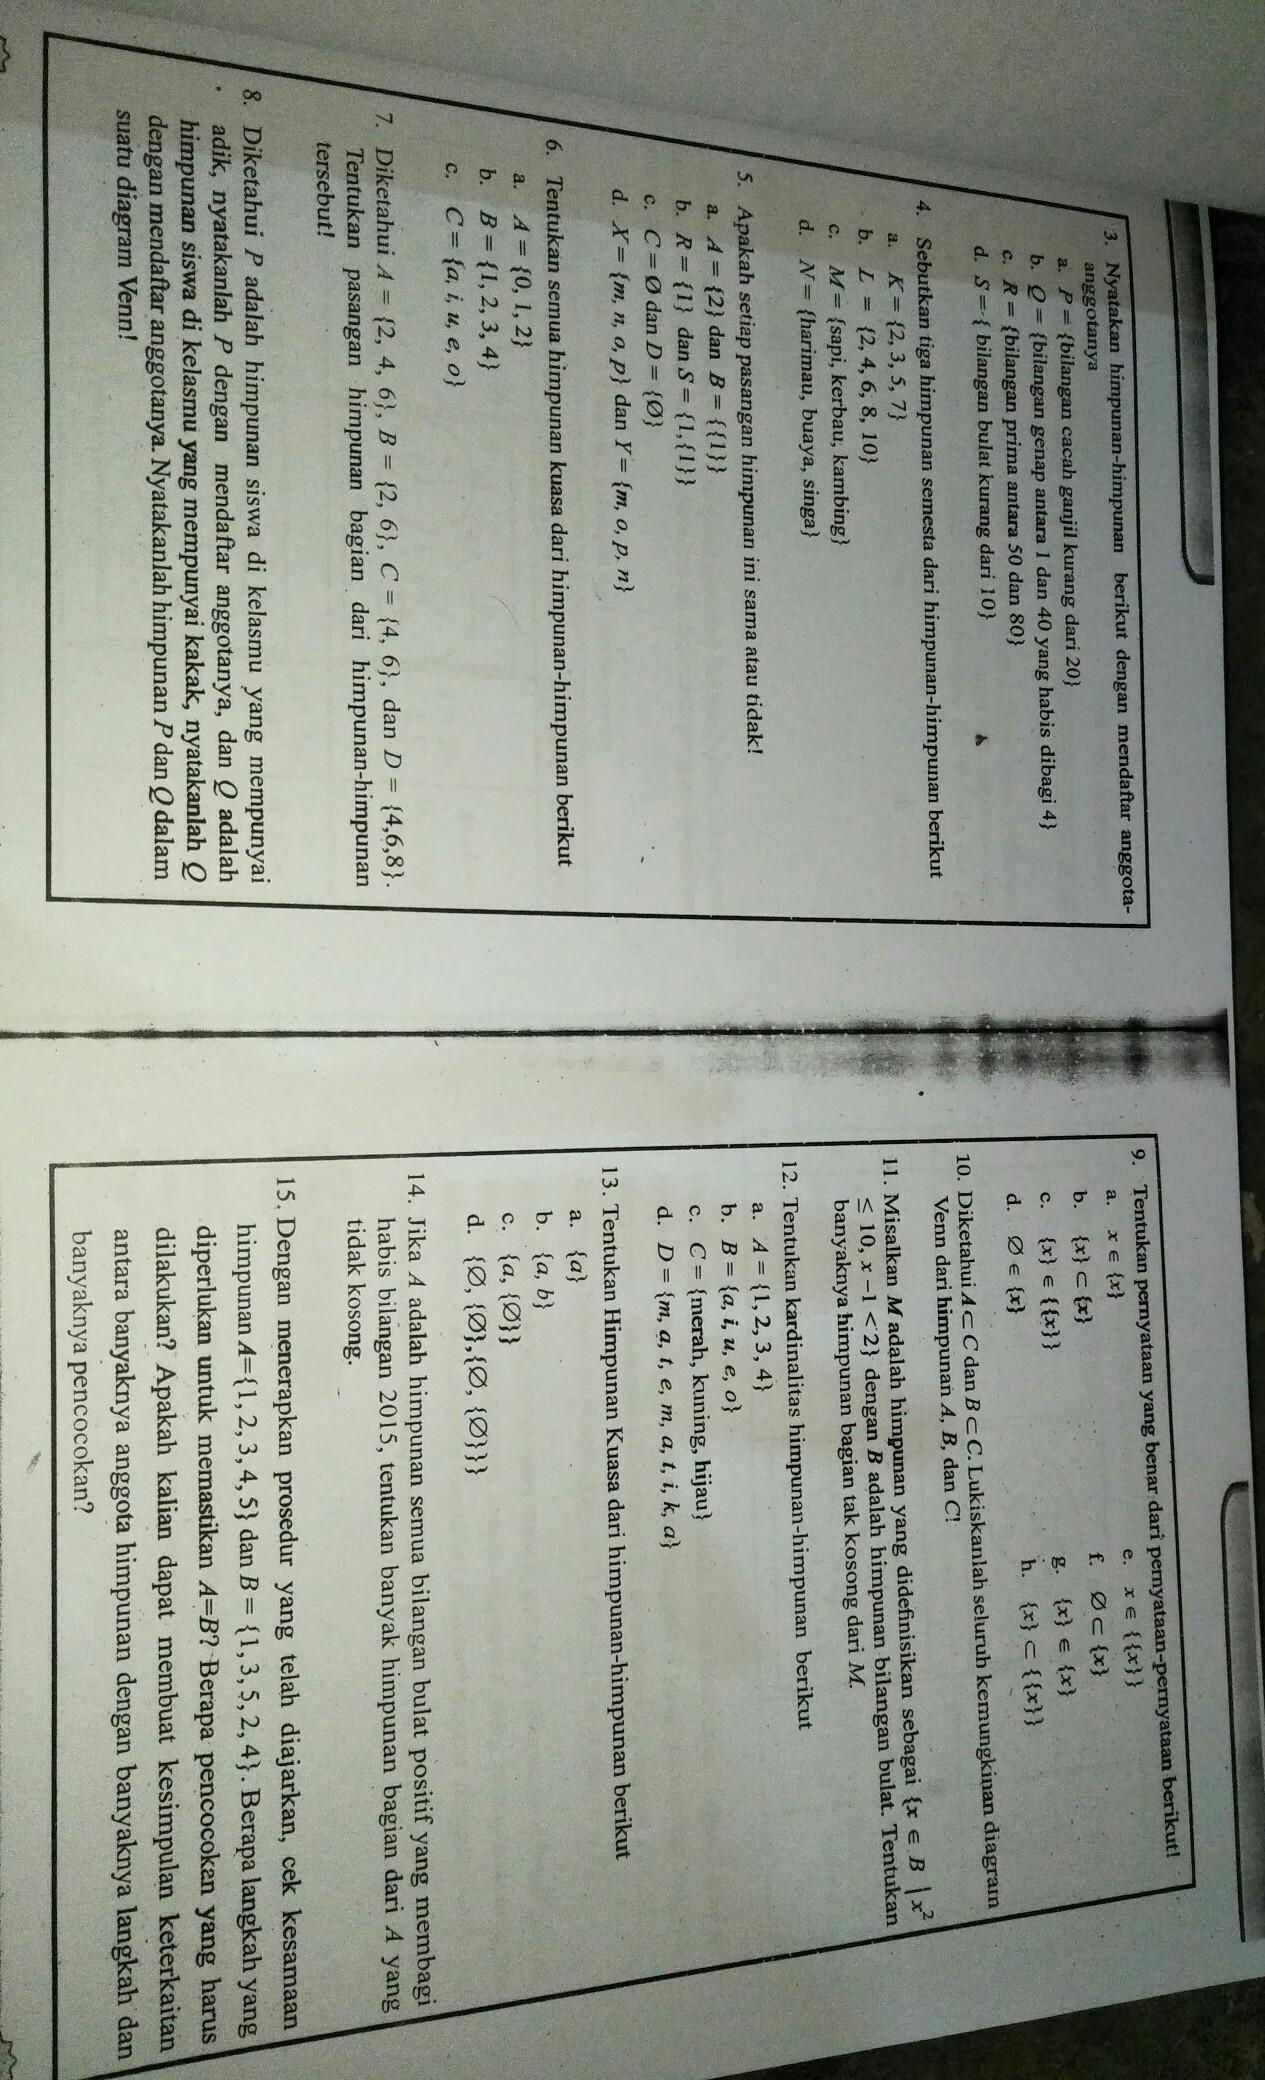 kunci jawaban tema 3 kelas 5 halaman 4. Jawaban Kirtya Basa Kelas 7 Hal 14 39 Jawaban Bahasa Jawa Kelas 7 Hal 108 Brainly Co Id Images Download Free